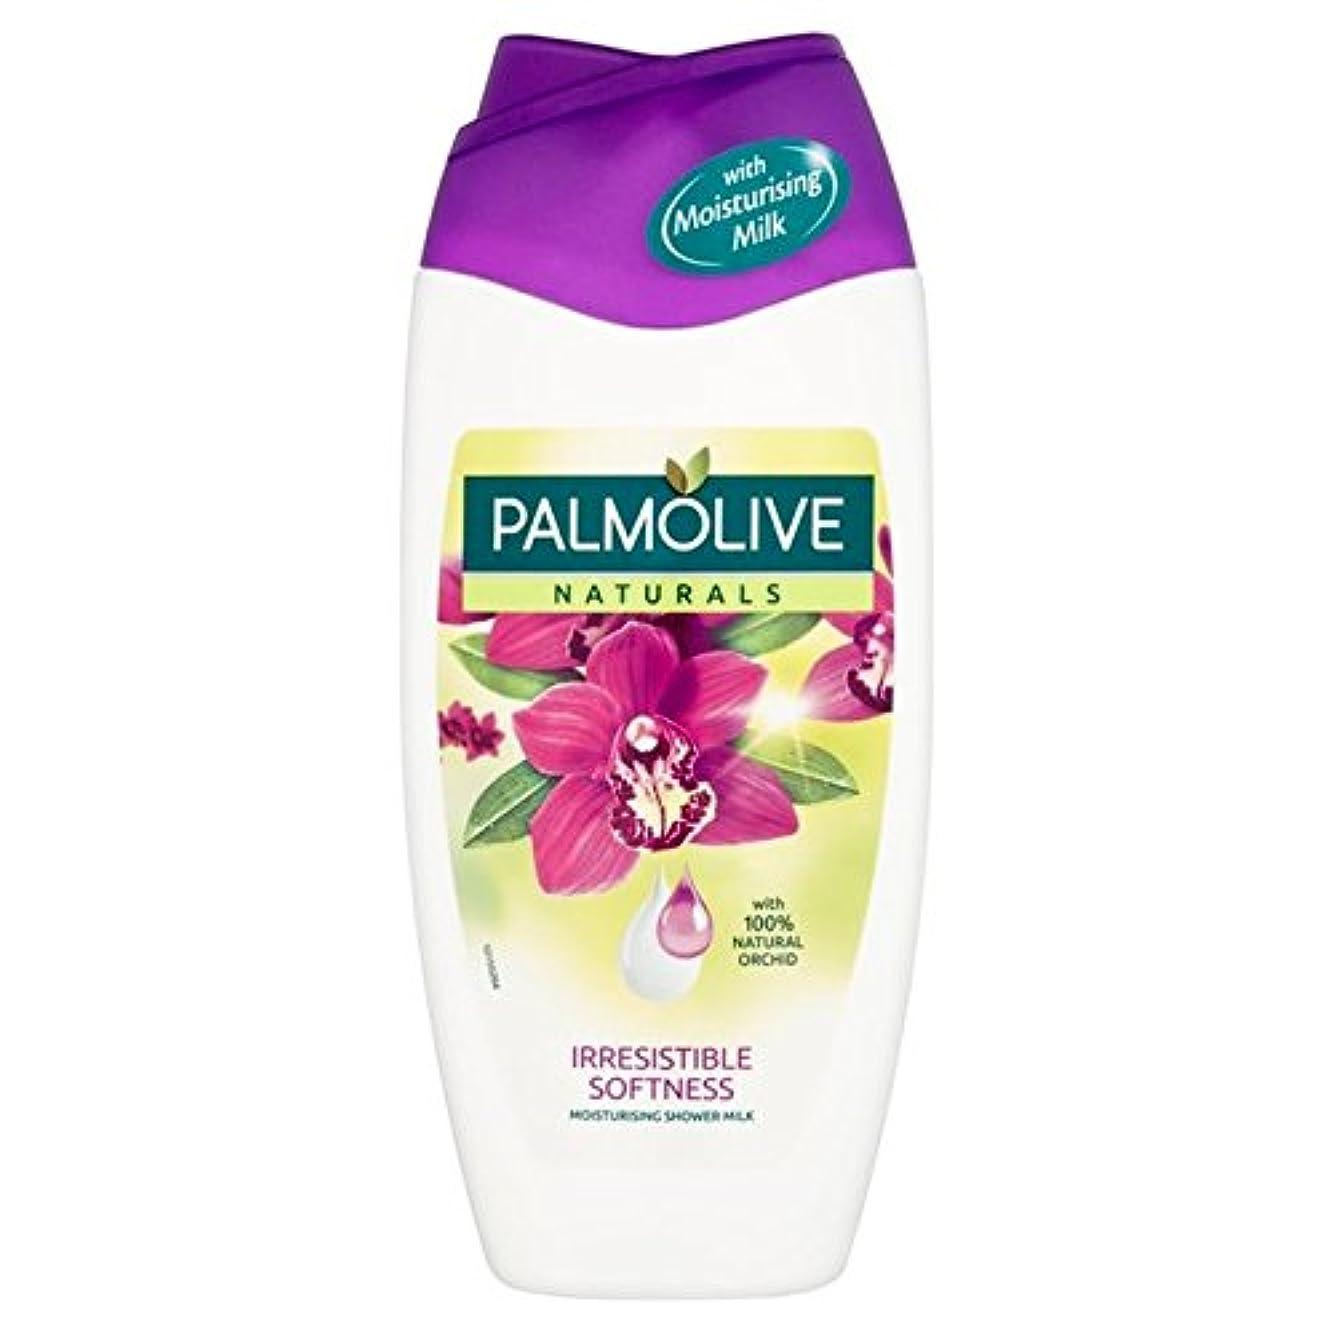 熱帯の津波抹消Palmolive Naturals Shower Black Orchid 250ml - パルモナチュラルシャワー黒蘭の250ミリリットル [並行輸入品]